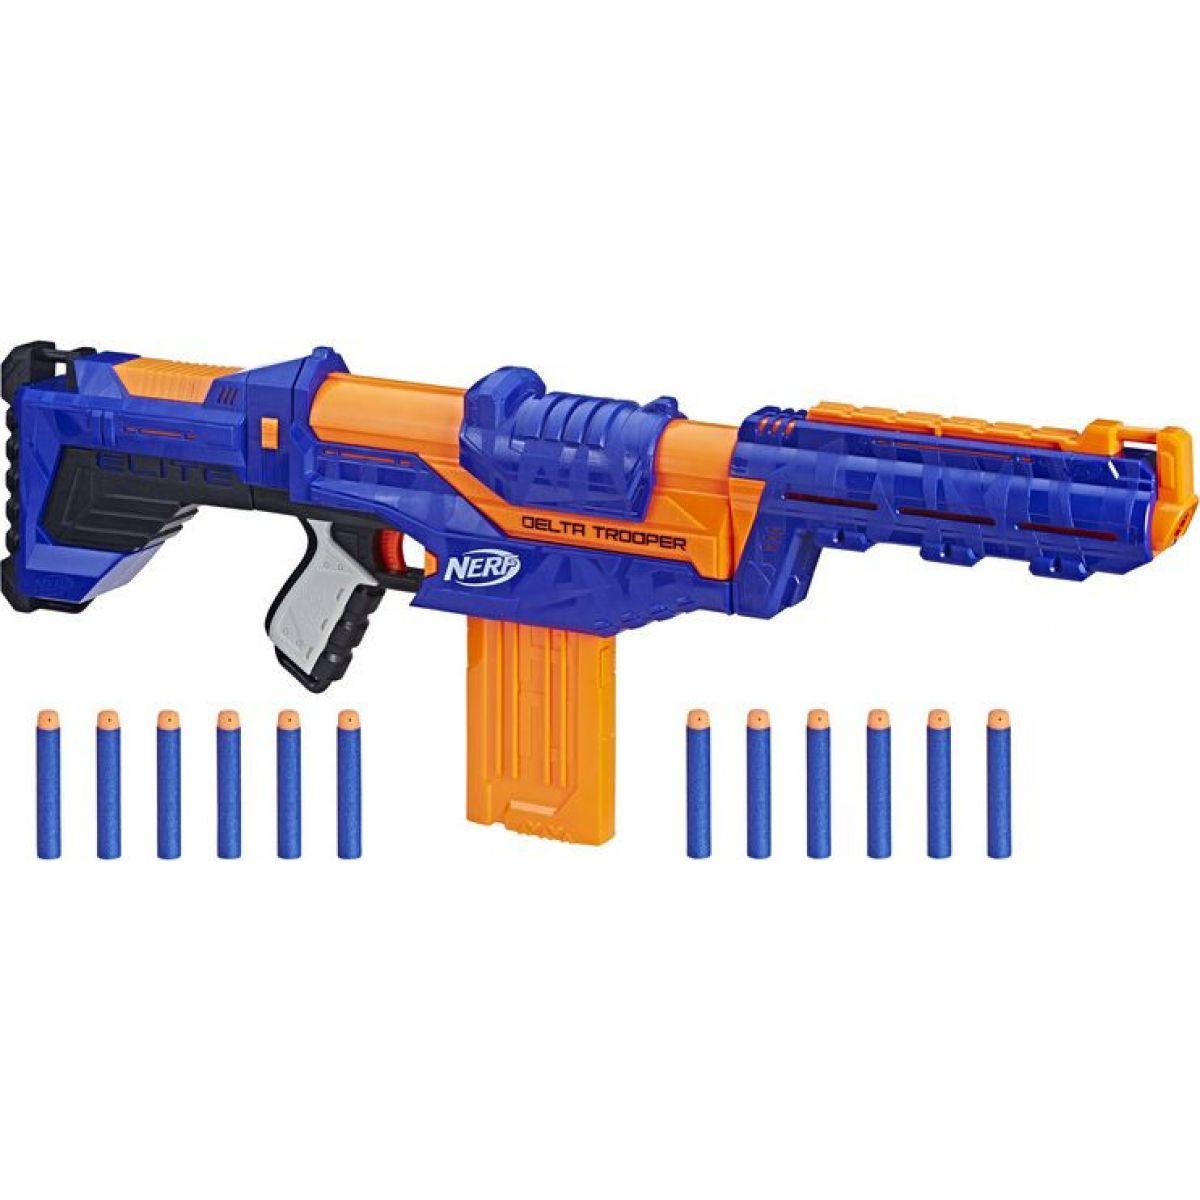 Hasbro Nerf N-Strike Elite Delta Trooper - Poškozený obal